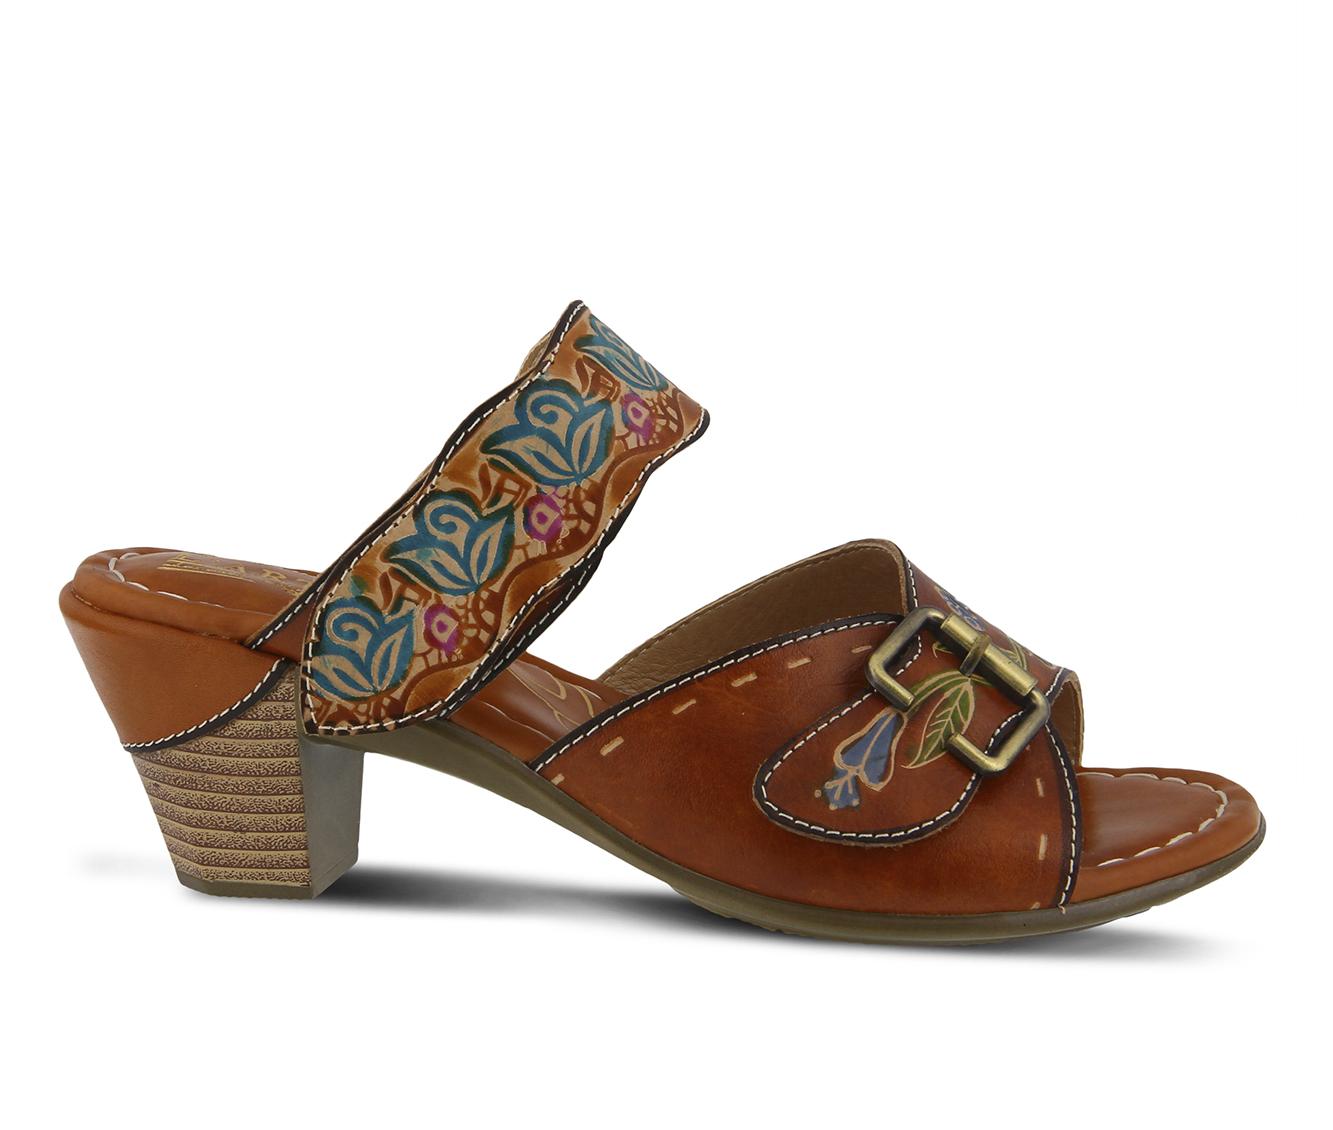 L'Artiste Ozuna Women's Dress Shoe (Beige Leather)